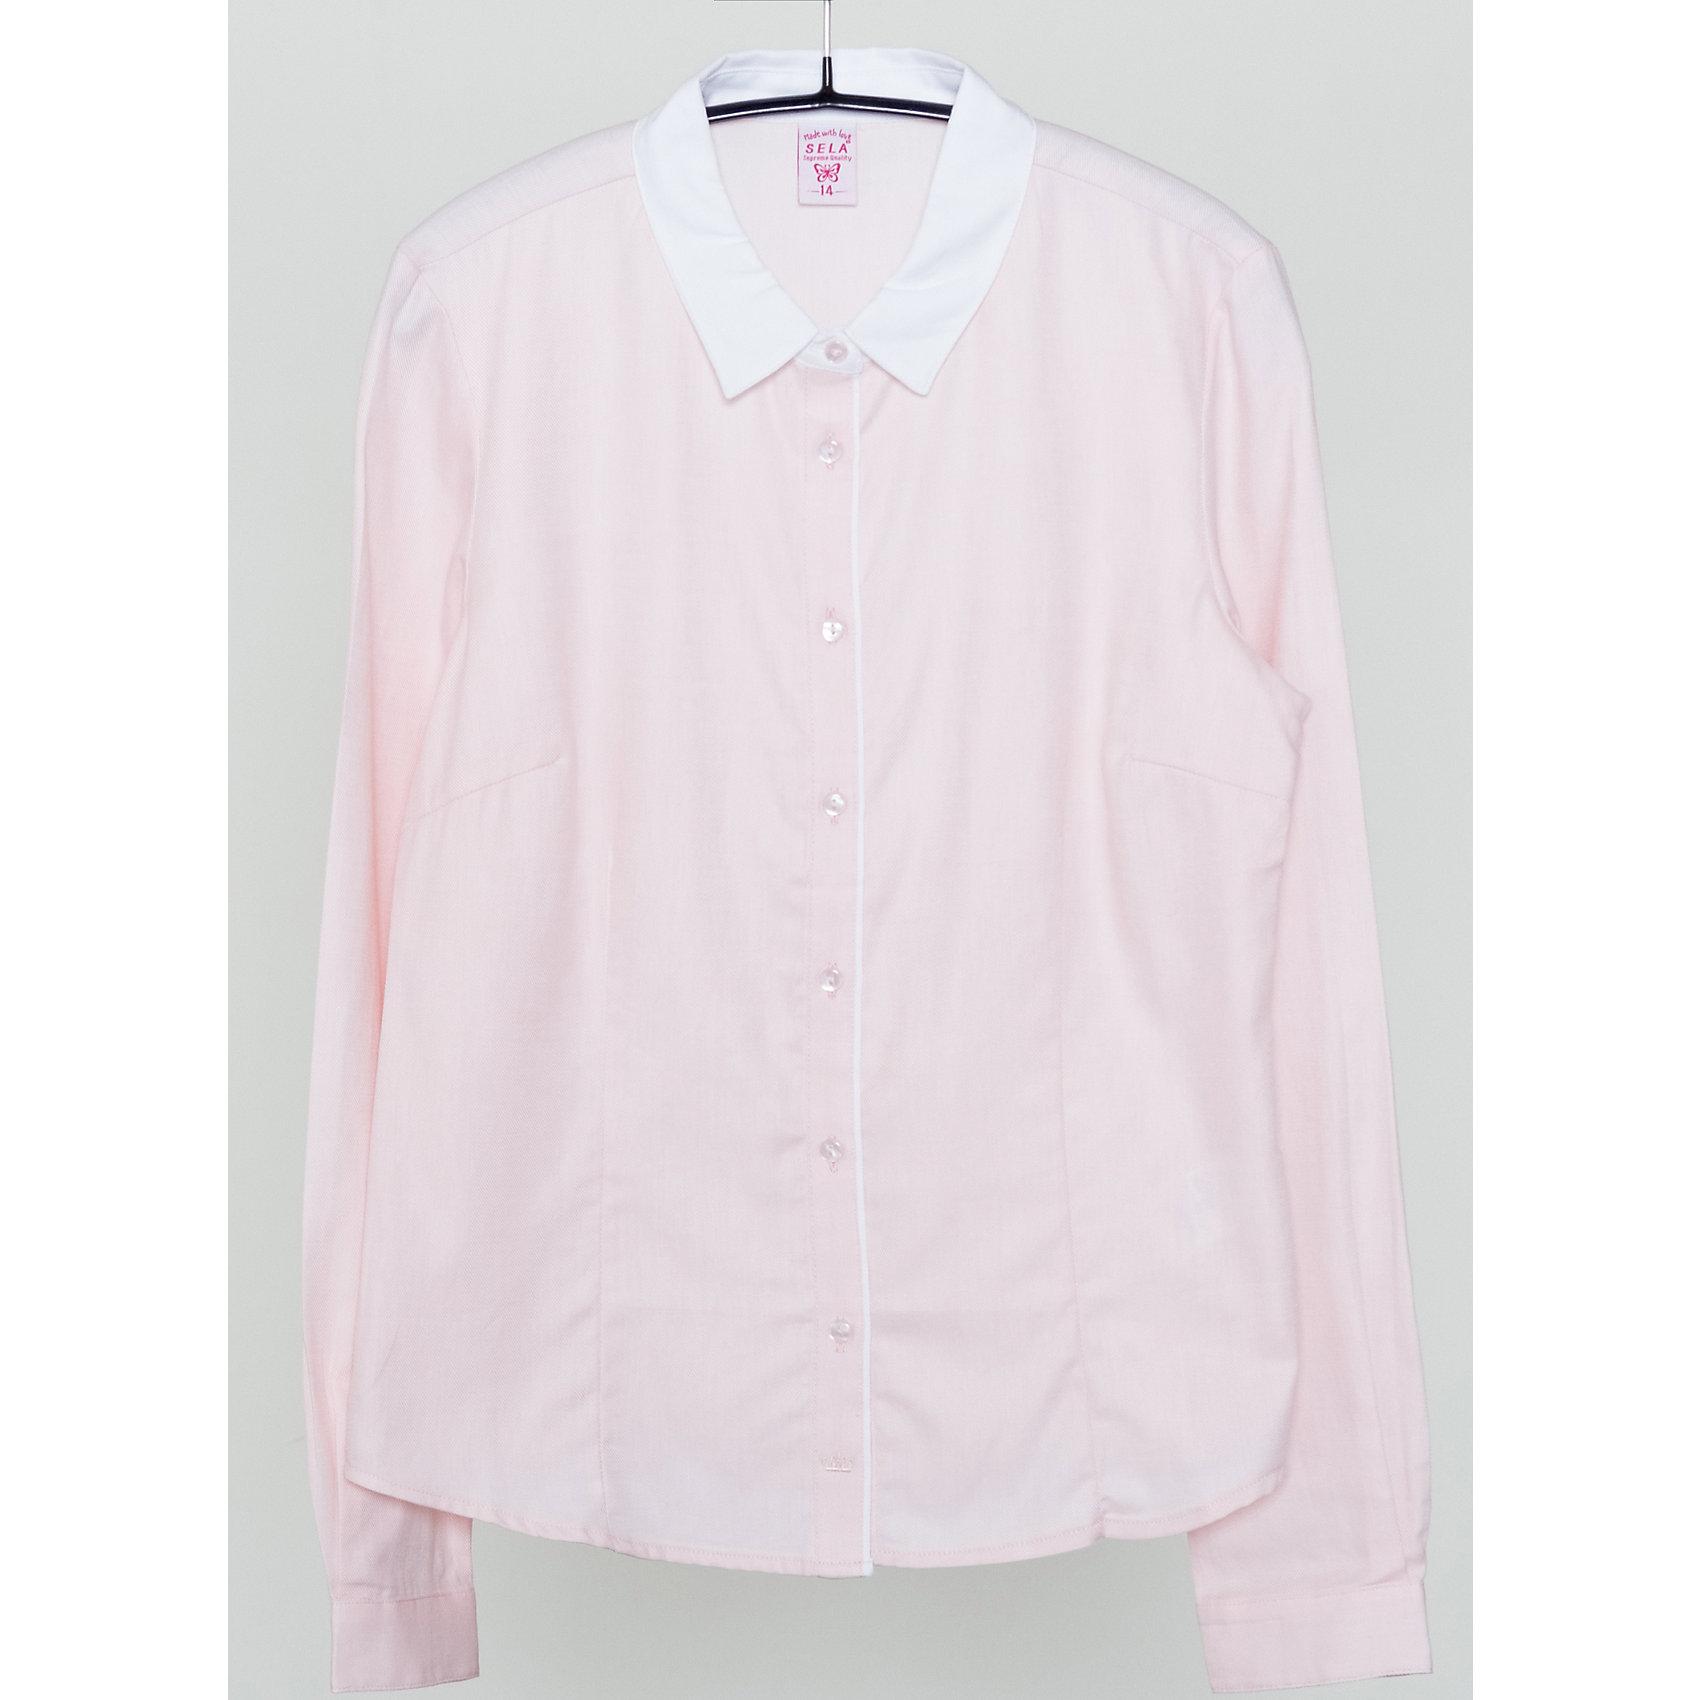 Блузка для девочки SELAКрасивая блузка для девочки необходимый атрибут в гардеробе юной леди.<br><br>У блузки приталенный крой, поэтому она хорошо будет смотреться с юбками и брюками.<br><br>Такая блузка станет приятным сюрпризом для Вашей малышки.<br><br>Дополнительная информация:<br><br>- Приталенный крой.<br>- Длинный рукав, отложной воротничок.<br>- Цвет: коралловый<br>- Состав: хлопок 100%<br>- Бренд: SELA<br>- Коллекция: осень-зима 2016-2017<br><br>Купить блузку для девочки от SELA можно в нашем магазине.<br><br>Ширина мм: 186<br>Глубина мм: 87<br>Высота мм: 198<br>Вес г: 197<br>Цвет: розовый<br>Возраст от месяцев: 168<br>Возраст до месяцев: 180<br>Пол: Женский<br>Возраст: Детский<br>Размер: 170,152,158,164<br>SKU: 4883449